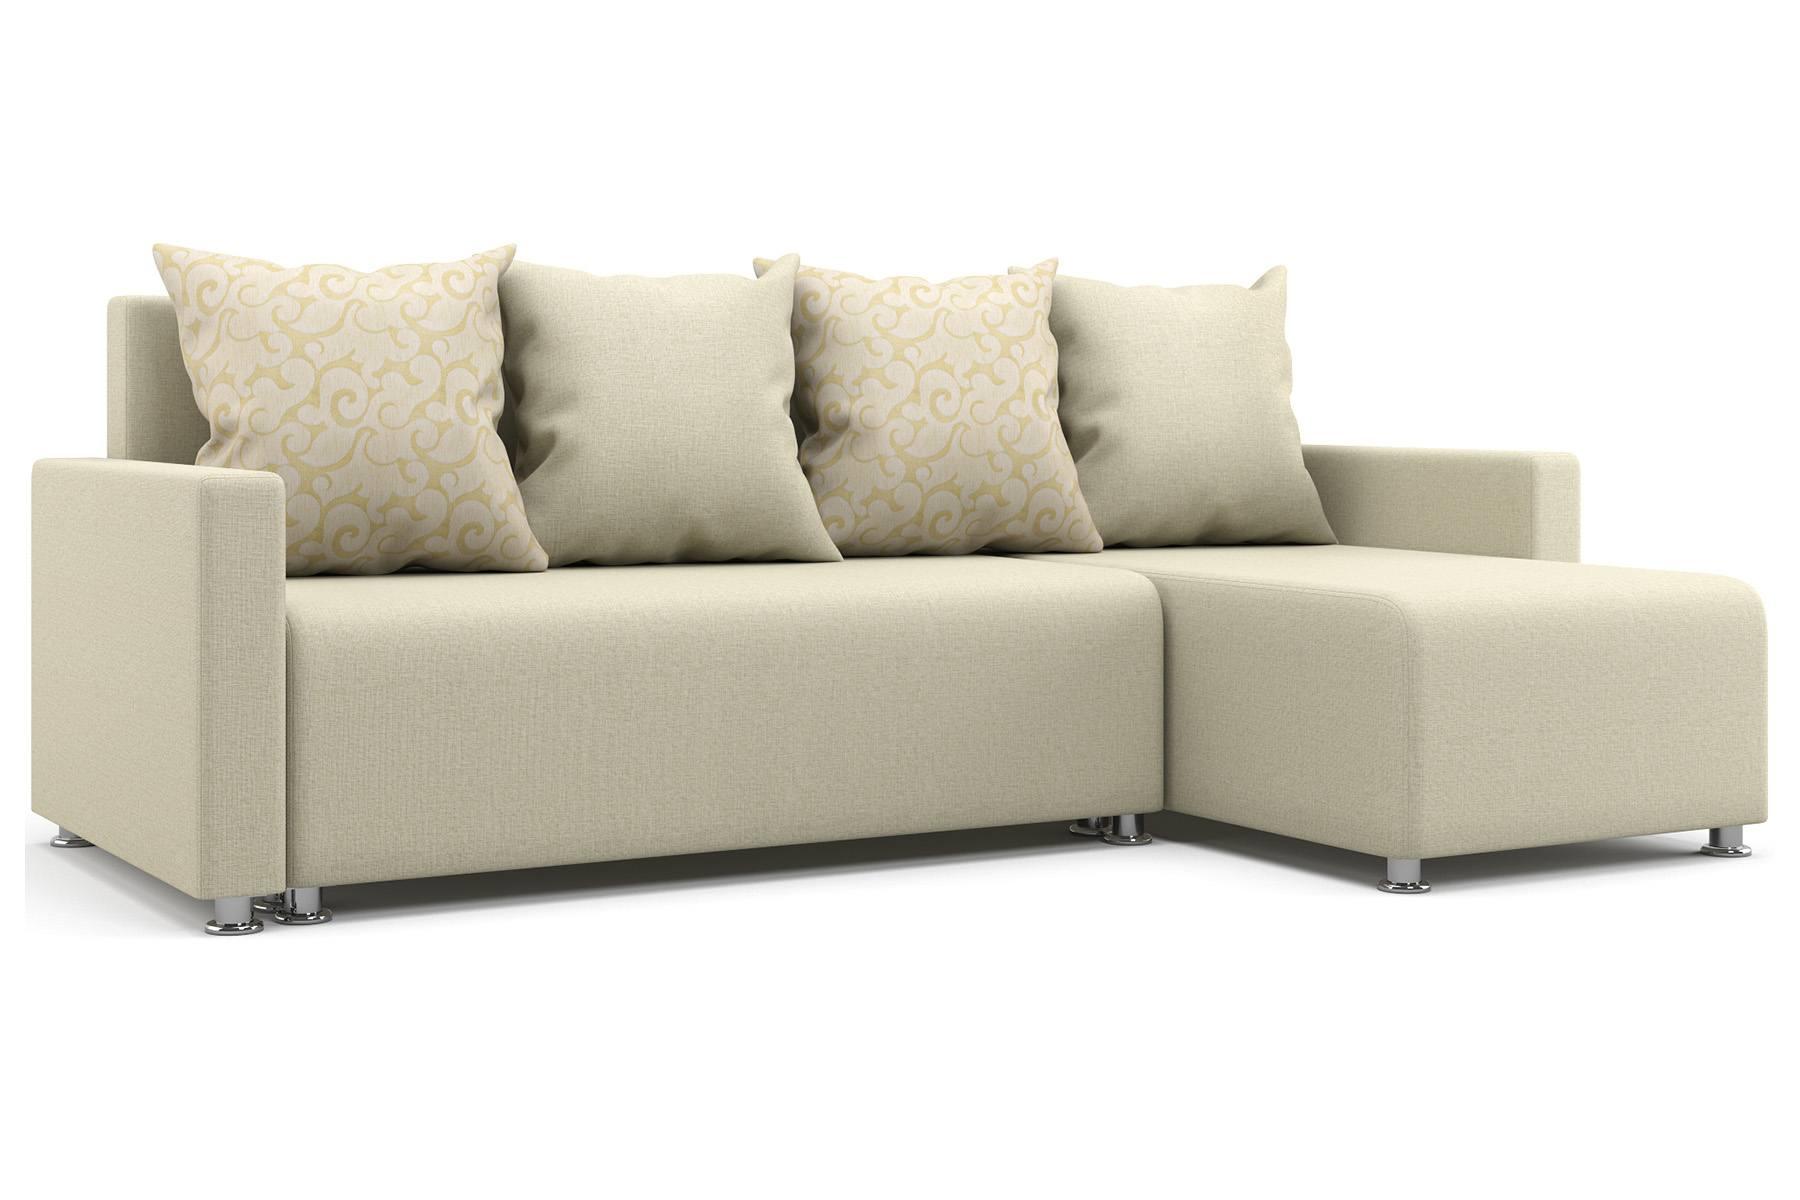 купить диван харьков олх